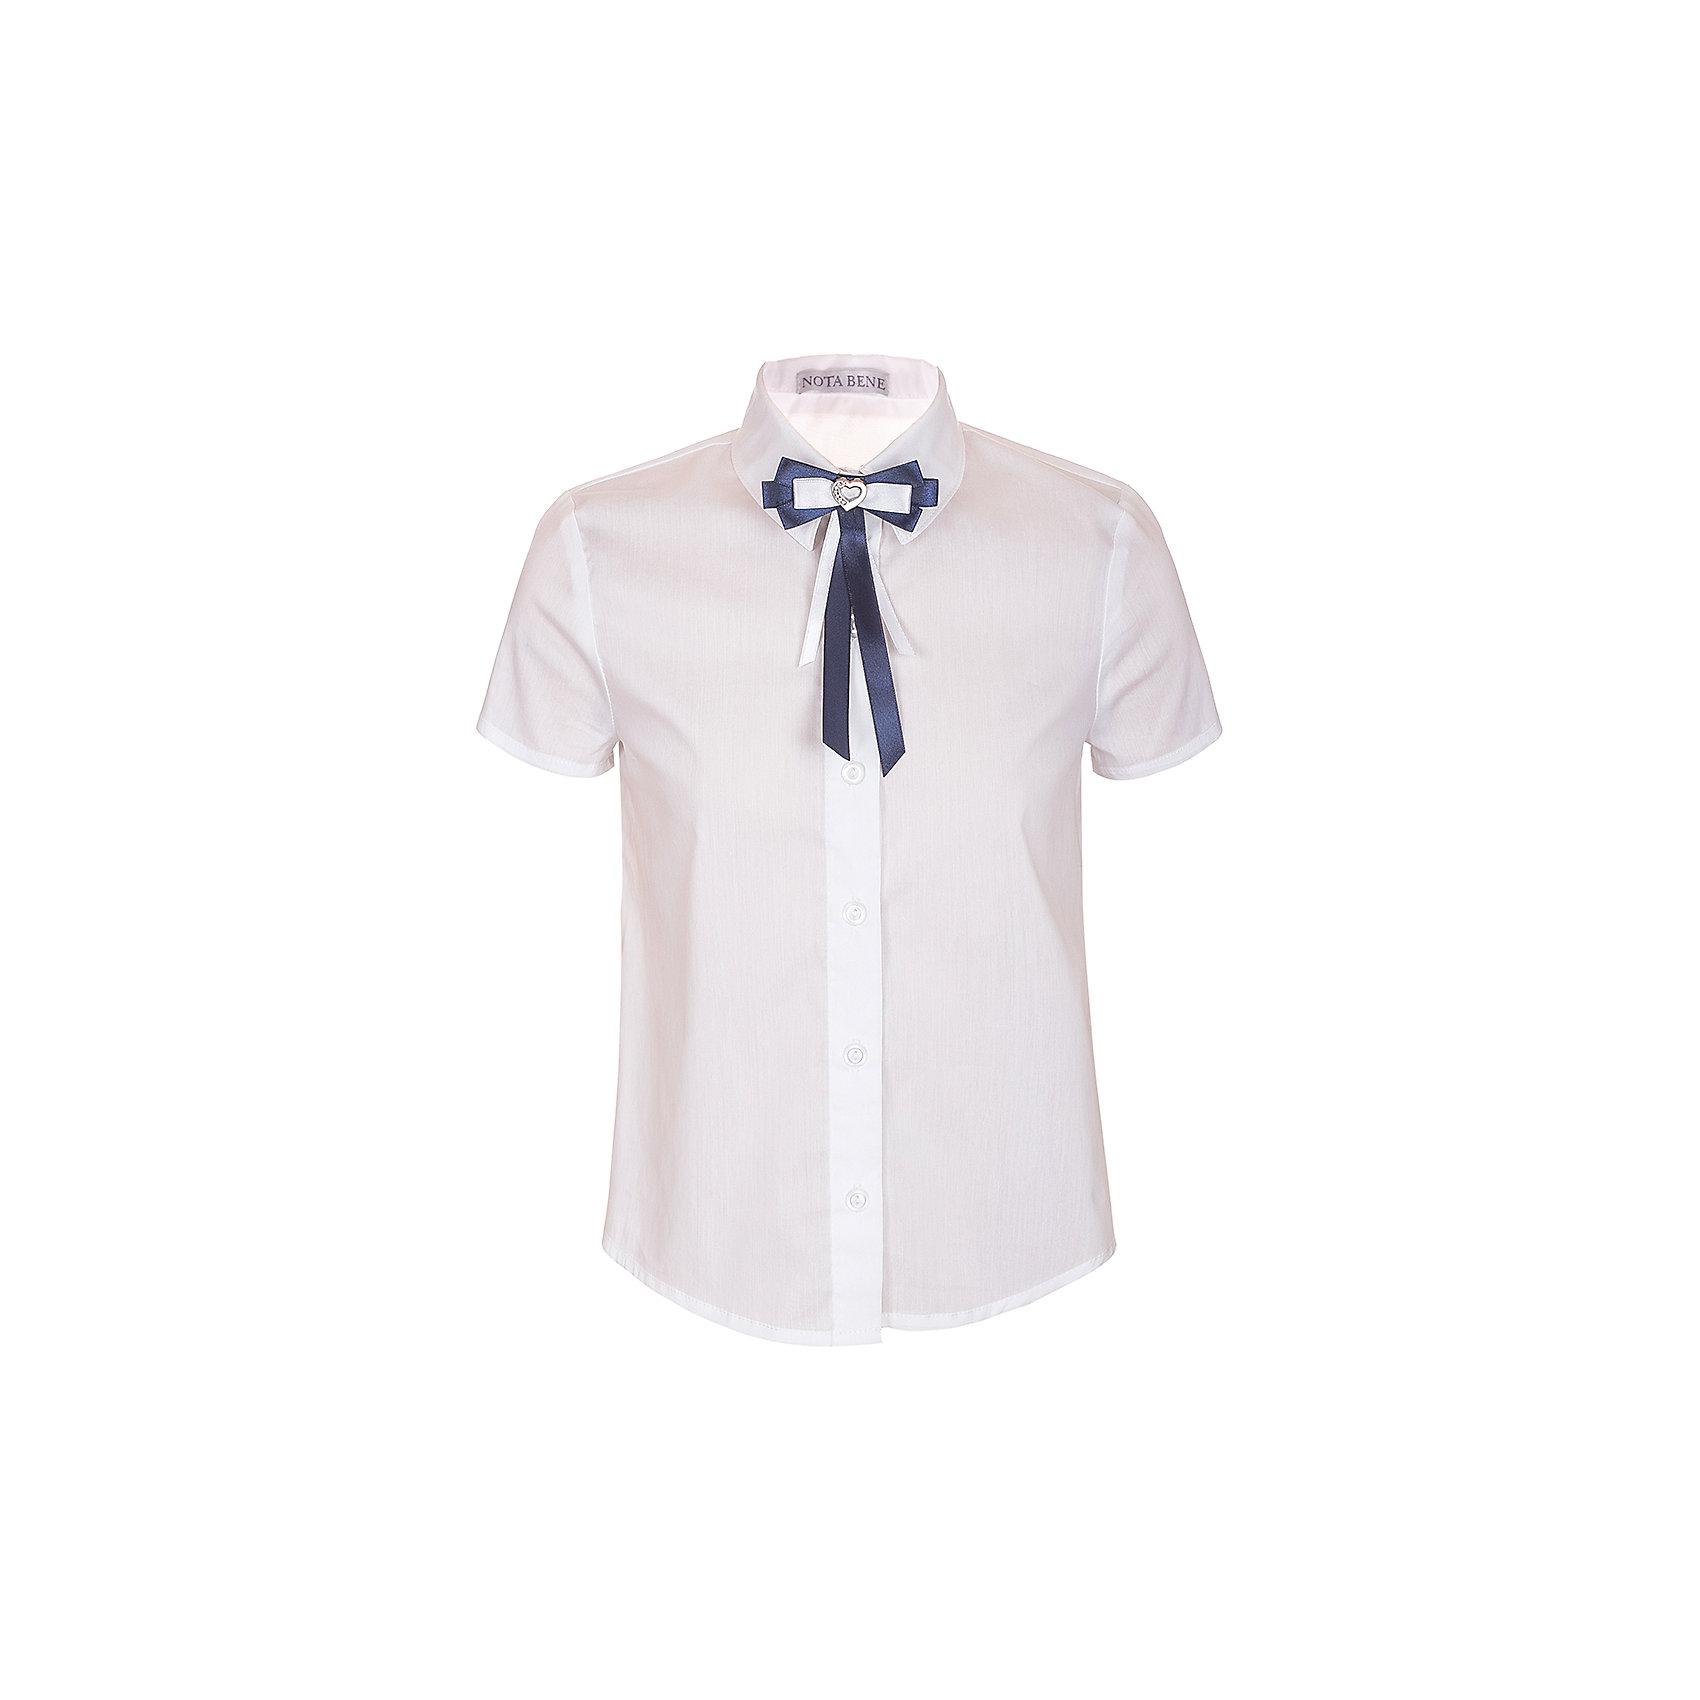 Блузка Nota Bene для девочкиБлузки и рубашки<br>Характеристики товара:<br><br>• цвет: белый<br>• состав: 60% хлопок, 37% полиэстер, 3% лайкра<br>• сезон: демисезон<br>• особенности модели: школьная<br>• застежка: пуговицы<br>• короткие рукава<br>• декор: бант на булавке<br>• страна бренда: Россия<br>• страна производства: Россия<br><br>Белая детская блузка с коротким рукавом выполнена в классической расцветке, декорирована бантом на булавке. Легкая блузка для ребенка соответствует школьному дресс-коду. Школьная блузка комфортно сидит на теле благодаря преобладанию в составе материала натурального хлопка. <br><br>Блузку Nota Bene (Нота Бене) для девочки можно купить в нашем интернет-магазине.<br><br>Ширина мм: 186<br>Глубина мм: 87<br>Высота мм: 198<br>Вес г: 197<br>Цвет: белый<br>Возраст от месяцев: 72<br>Возраст до месяцев: 84<br>Пол: Женский<br>Возраст: Детский<br>Размер: 122,164,128,134,140,146,152,158<br>SKU: 7012231